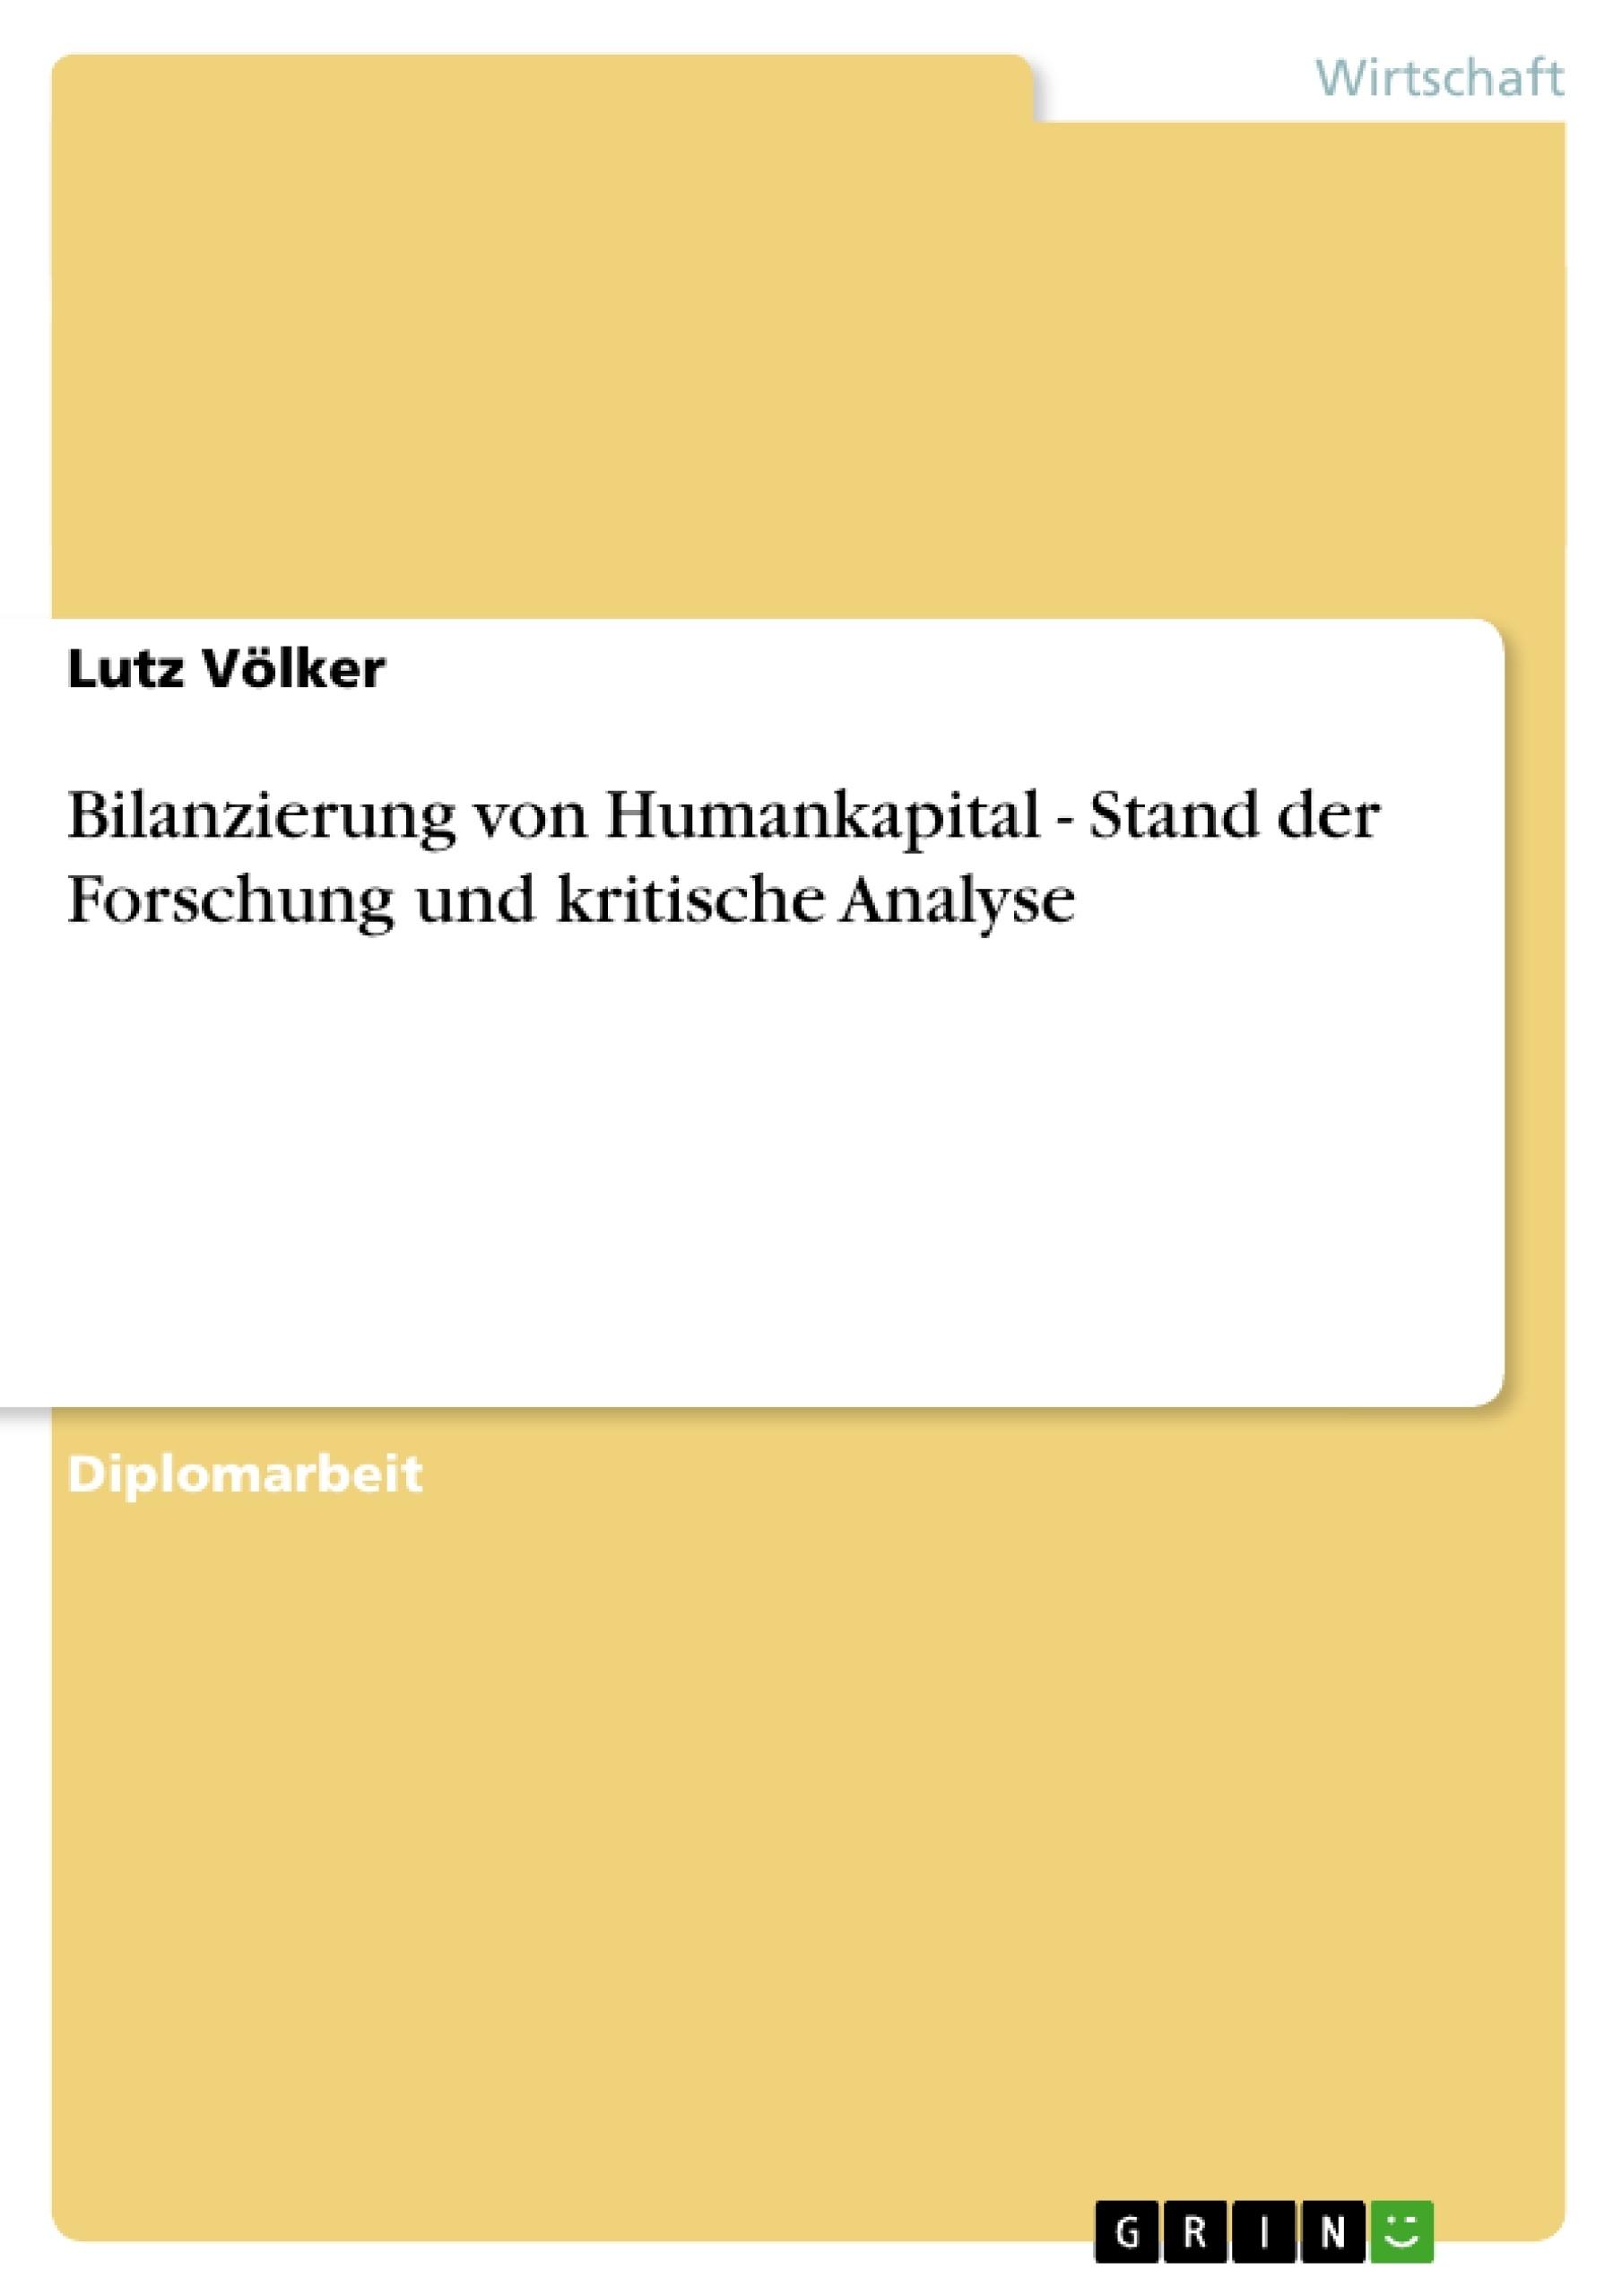 Titel: Bilanzierung von Humankapital - Stand der Forschung und kritische Analyse